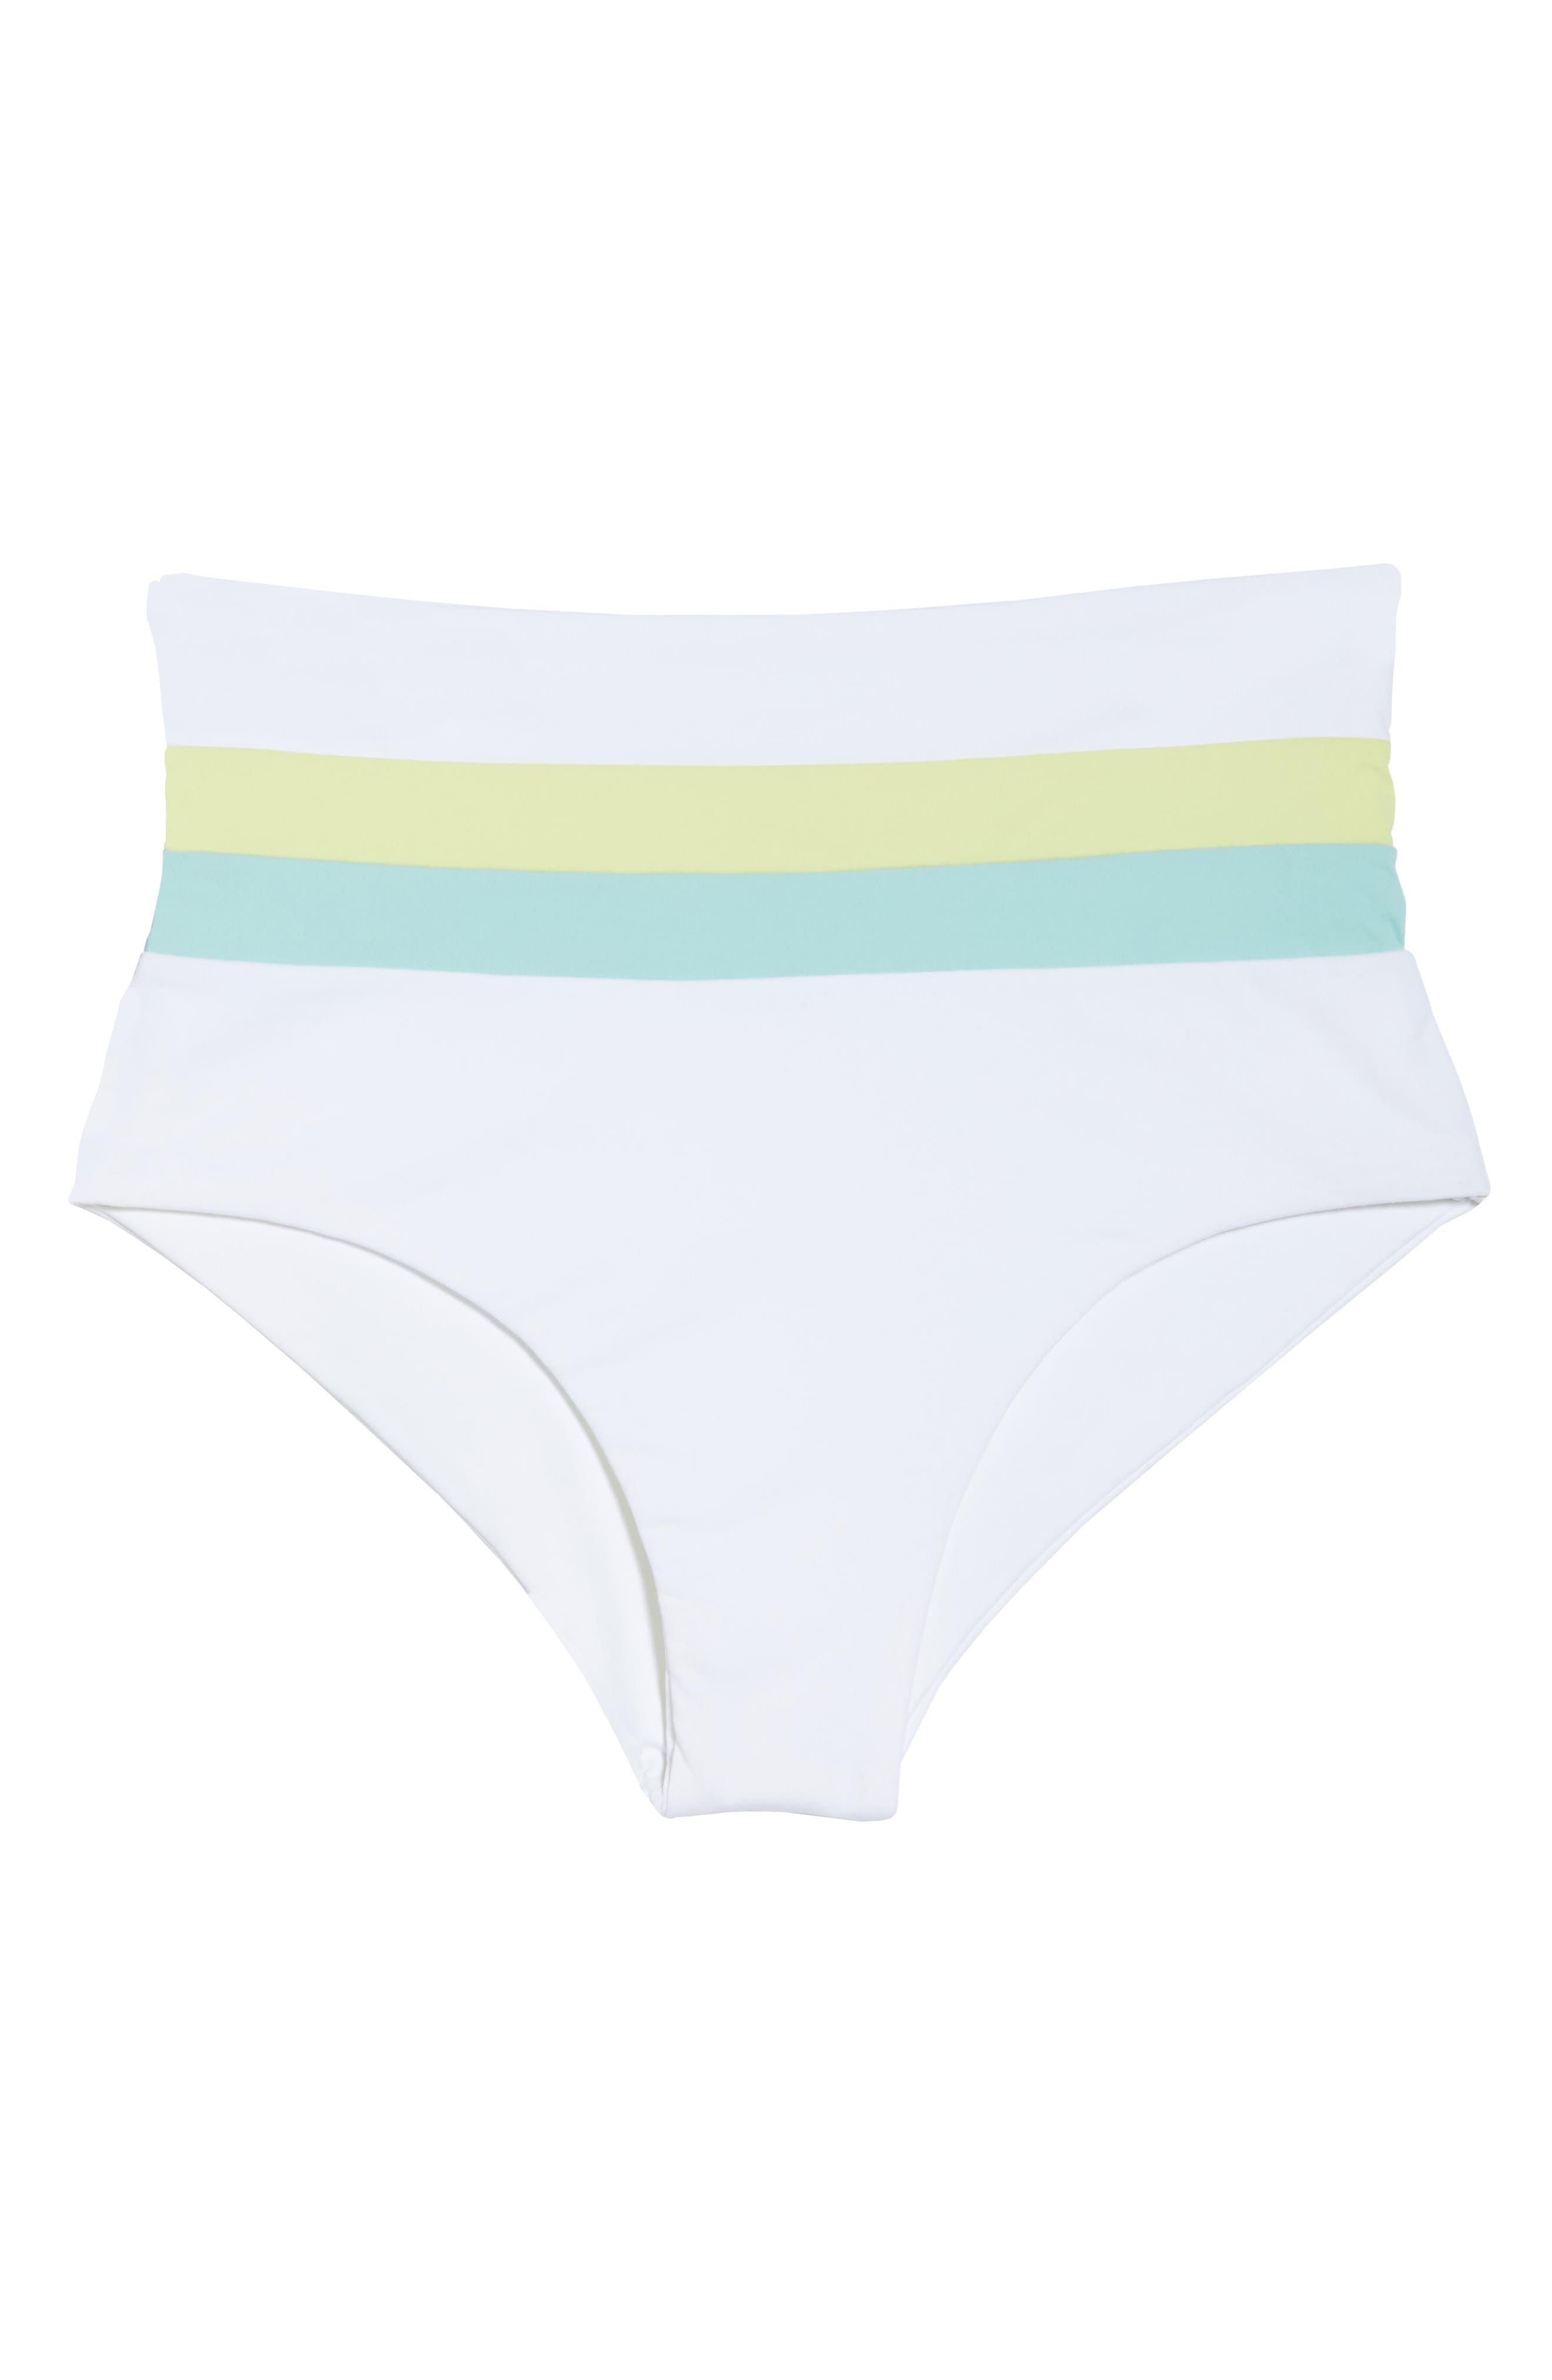 L SPACE,                             Portia Reversible High Waist Bikini Bottoms,                             Alternate thumbnail 7, color,                             WHITE/ LIGHT TURQ/ LEMONADE